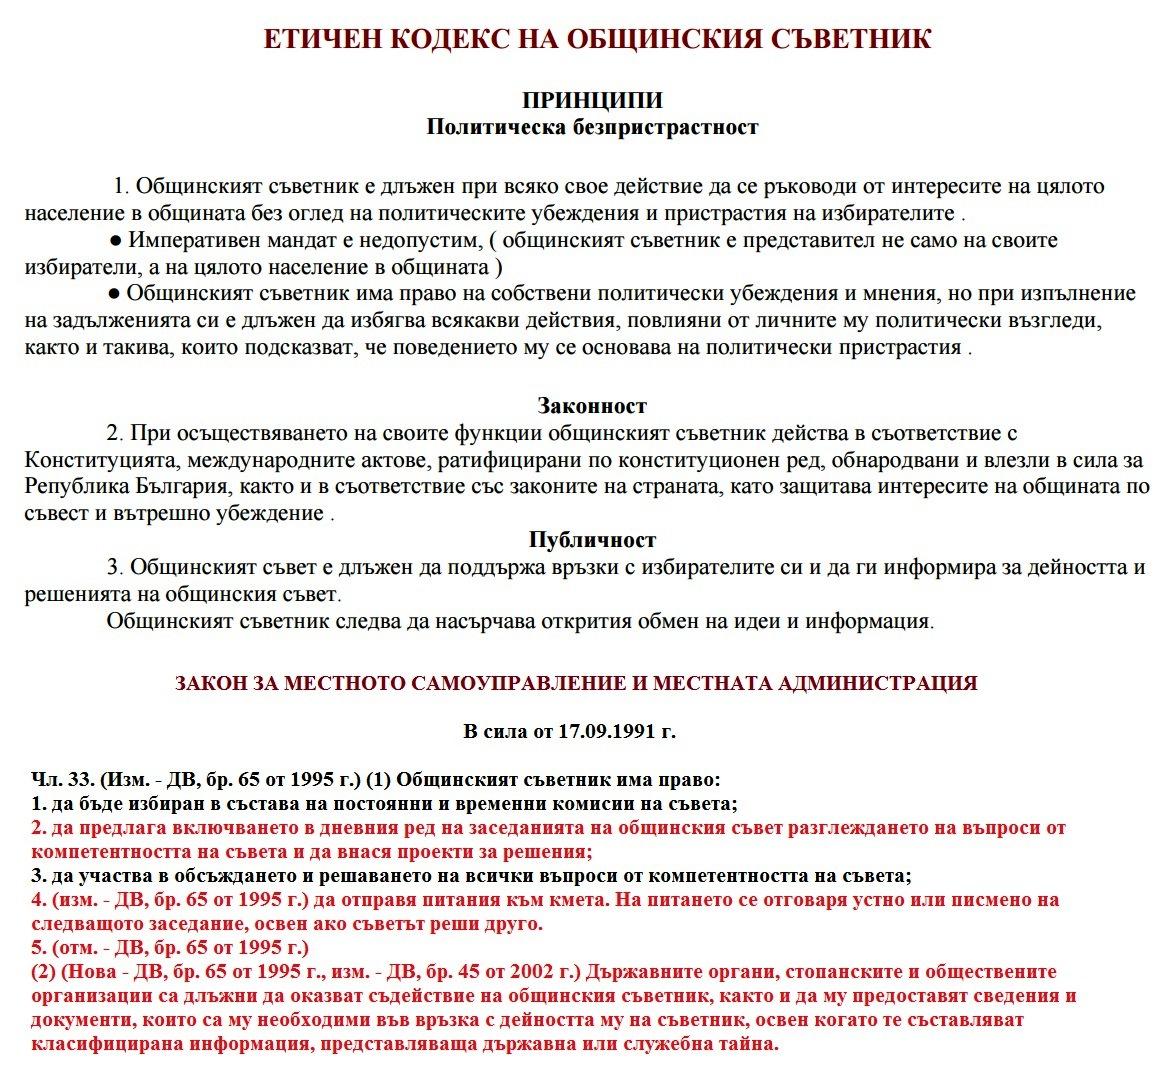 obshtinski 11111111111